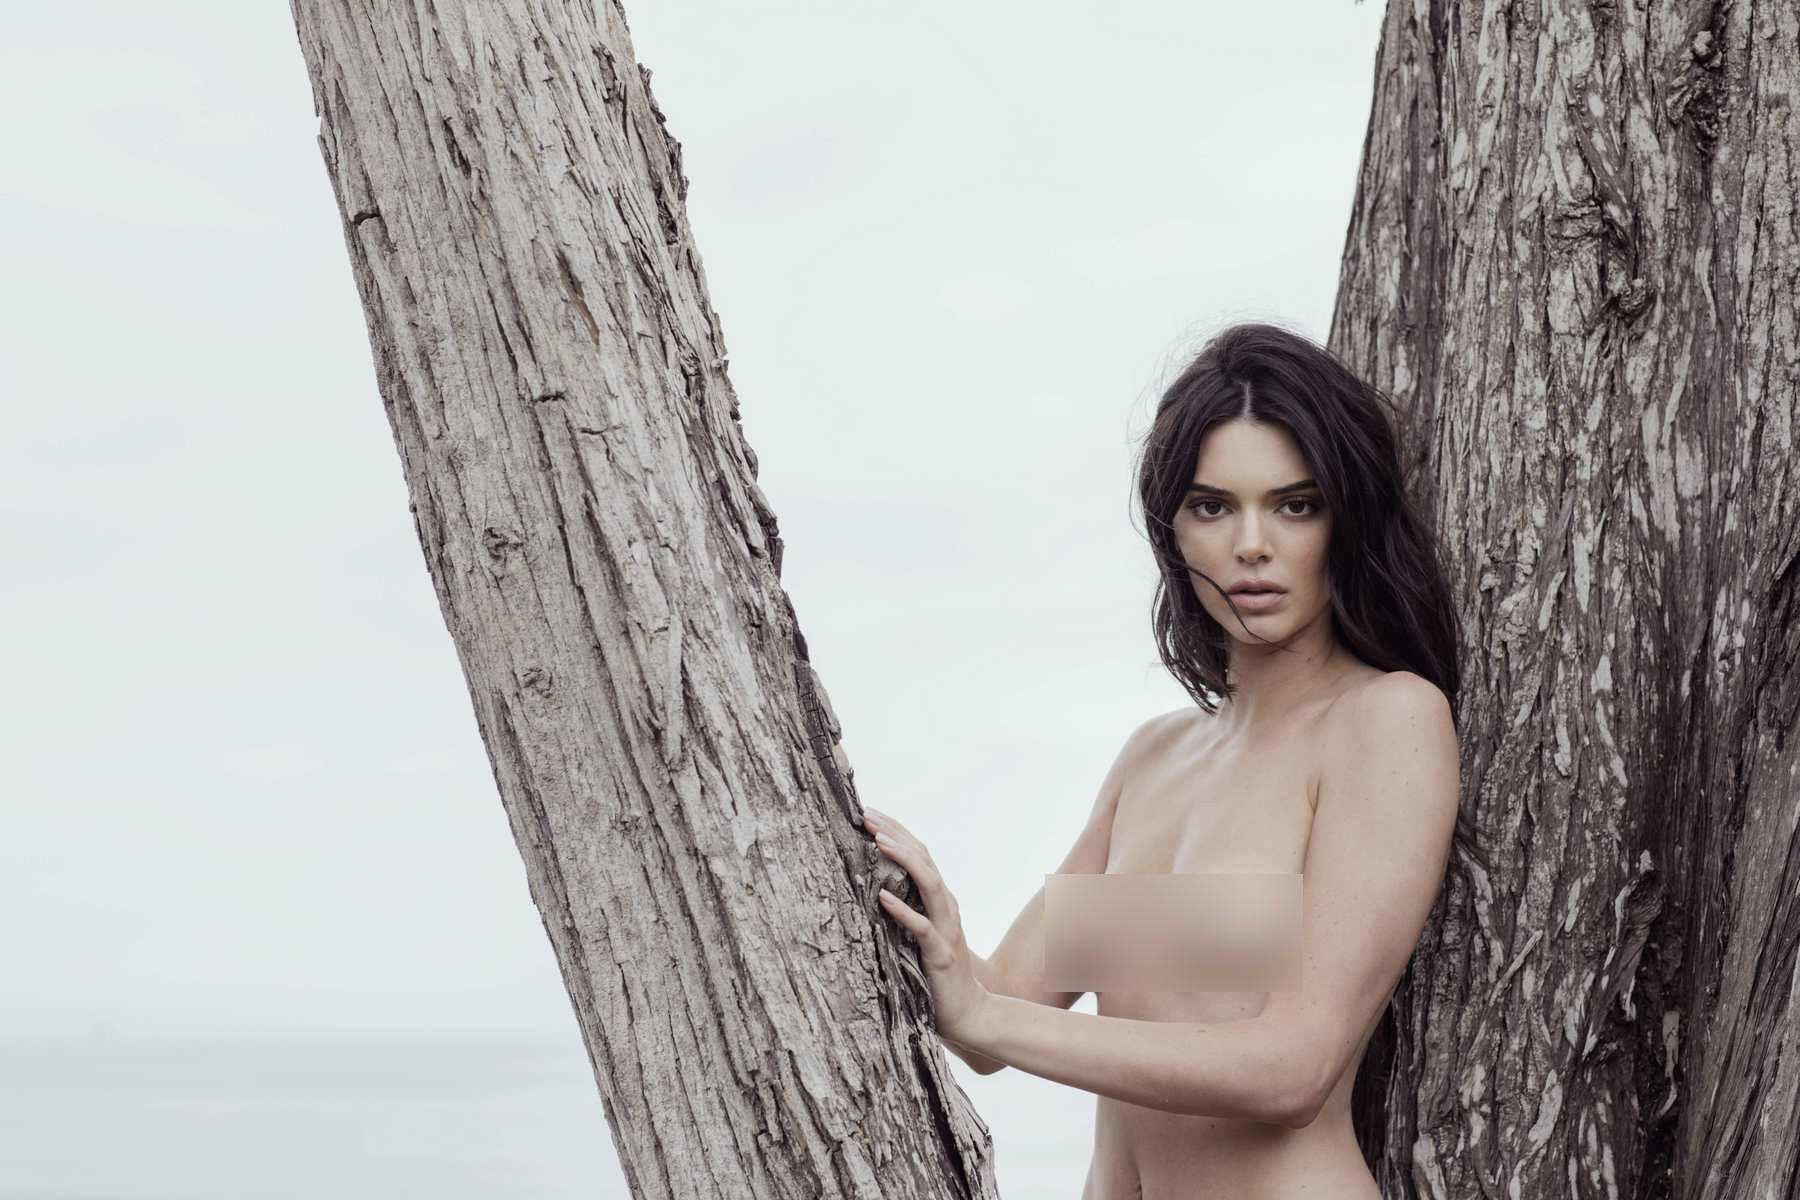 Trước bộ ảnh nude gây sốc, Kendall Jenner đã gây ồn ào với những scandal thị phi nào? - Ảnh 1.